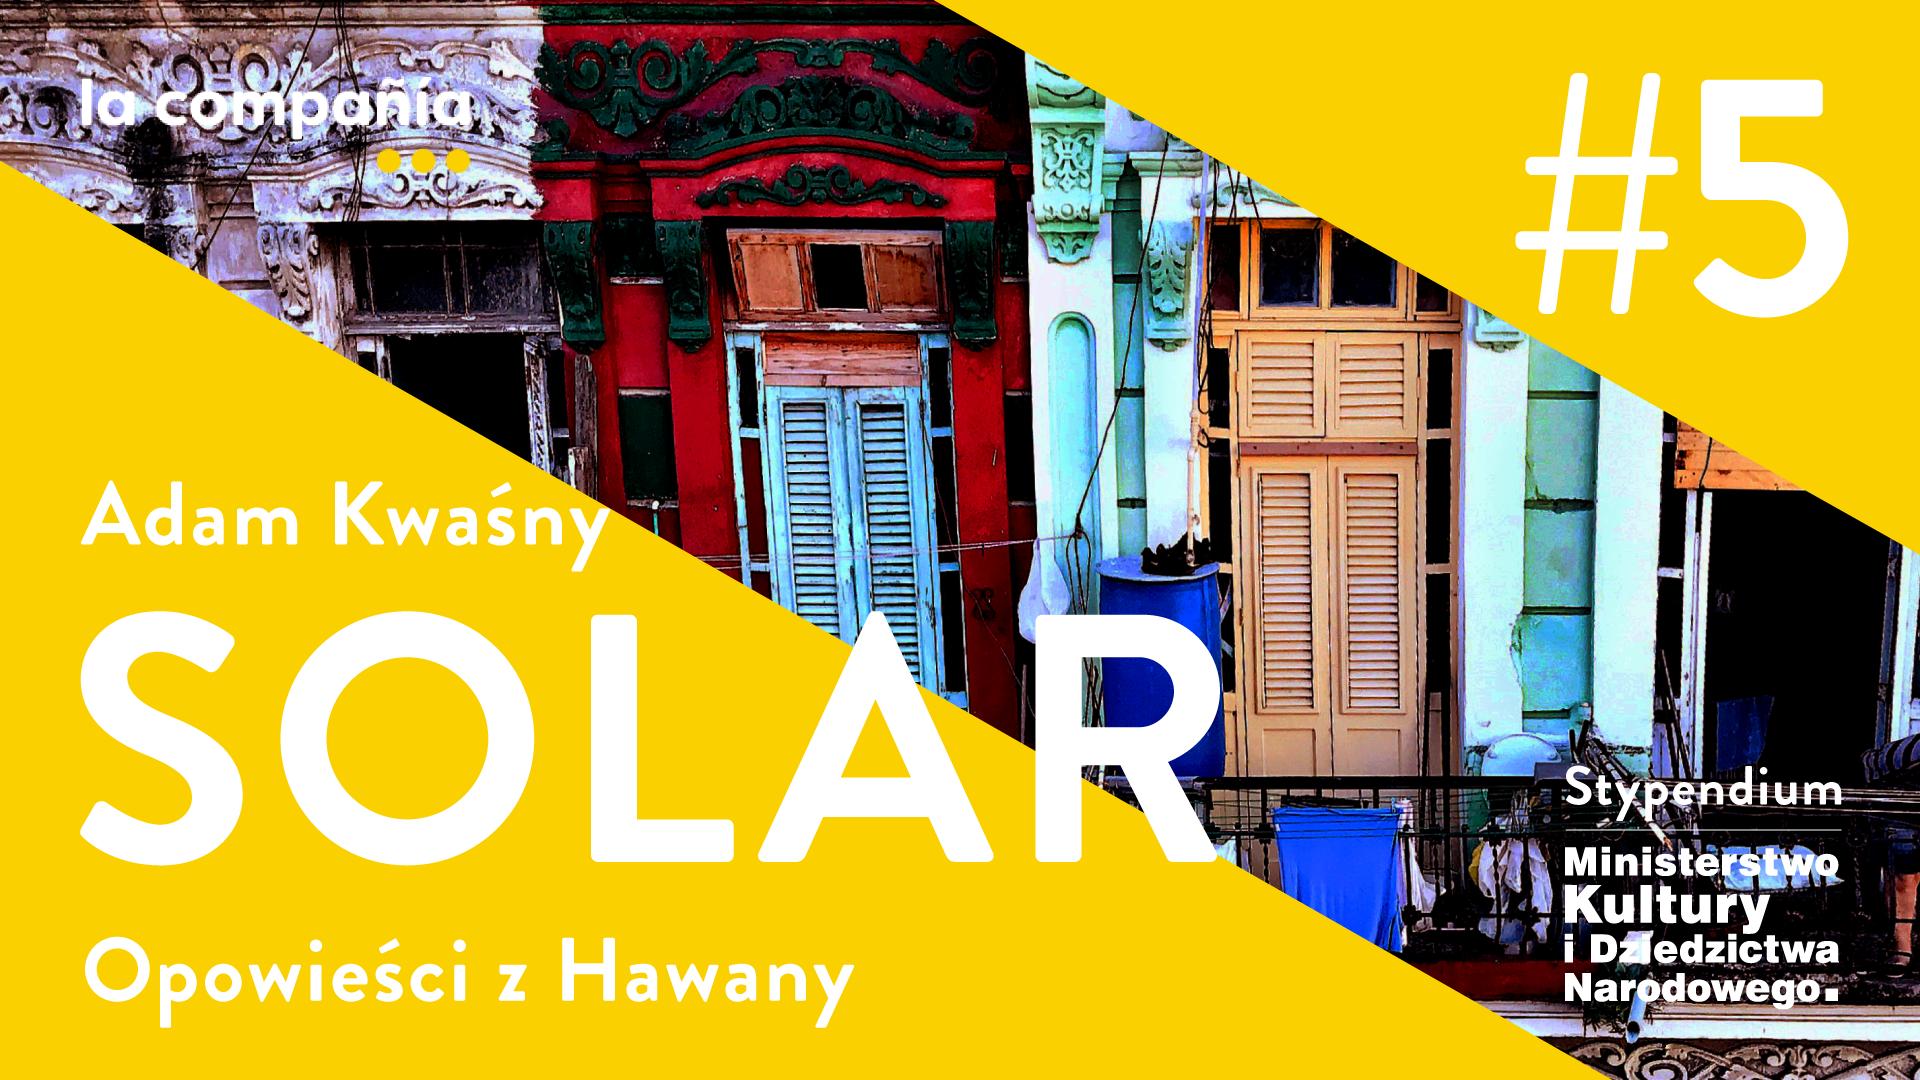 SOLAR Opowieści z Hawany. Rozdział 5